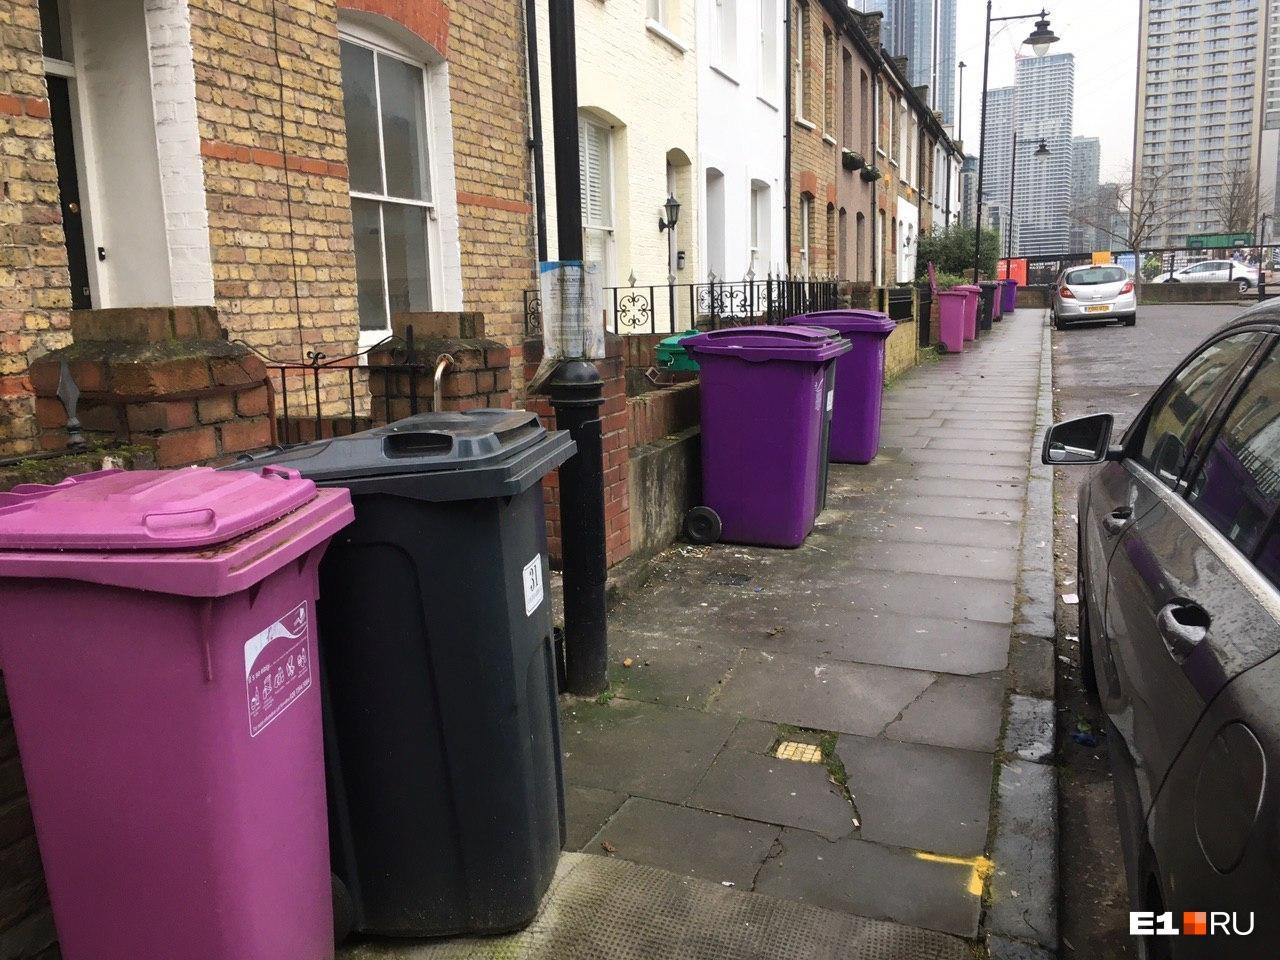 Так выглядит обычная лондонская улица